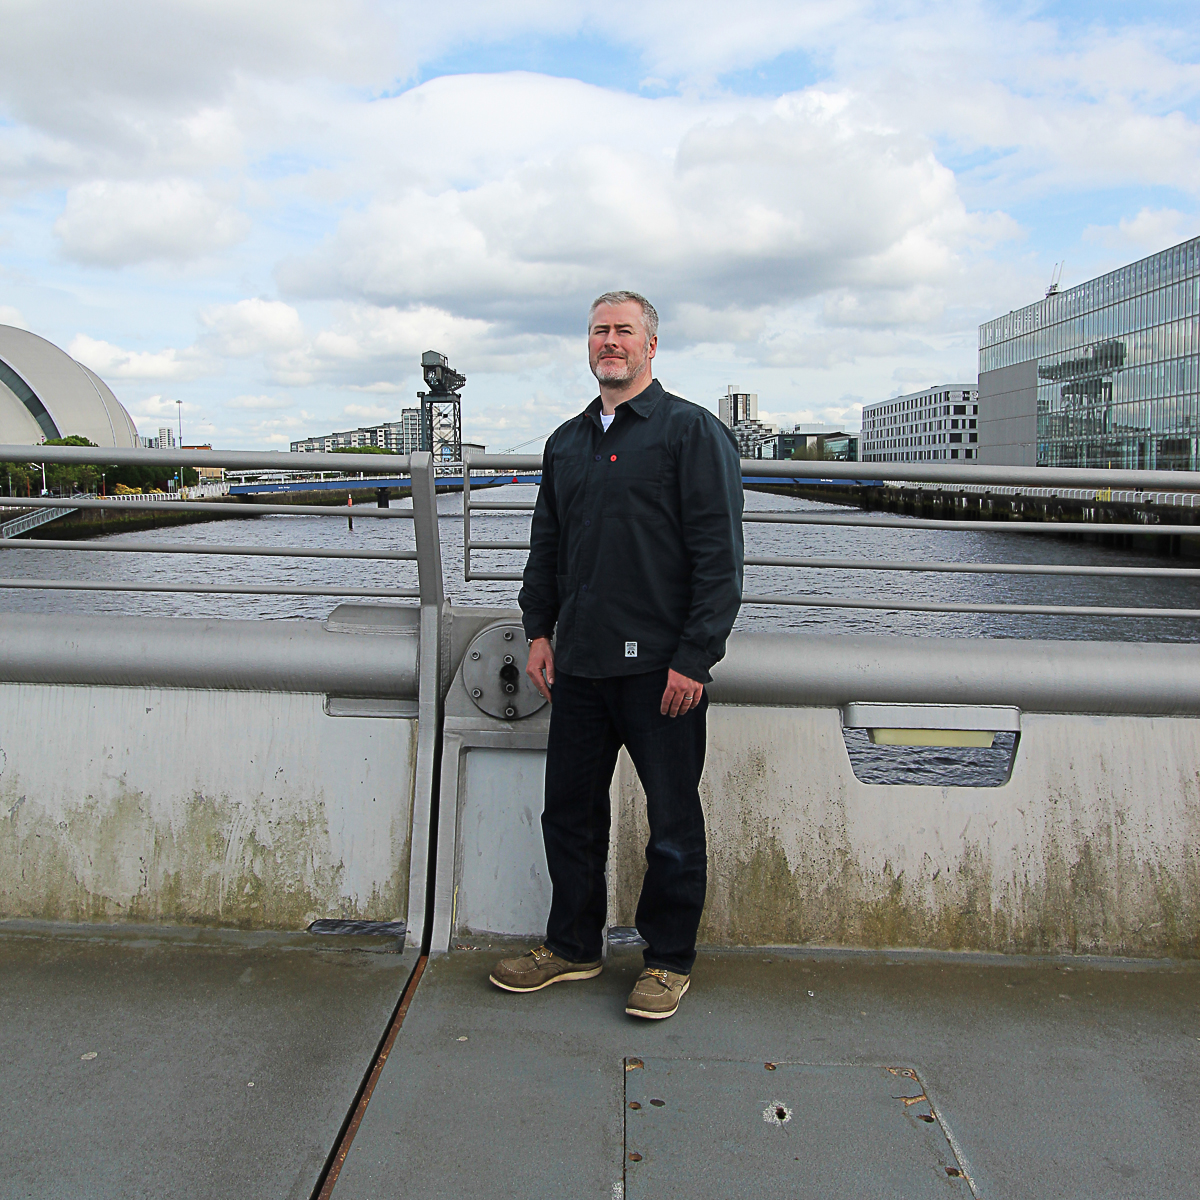 Nick Higgins, filmmaker